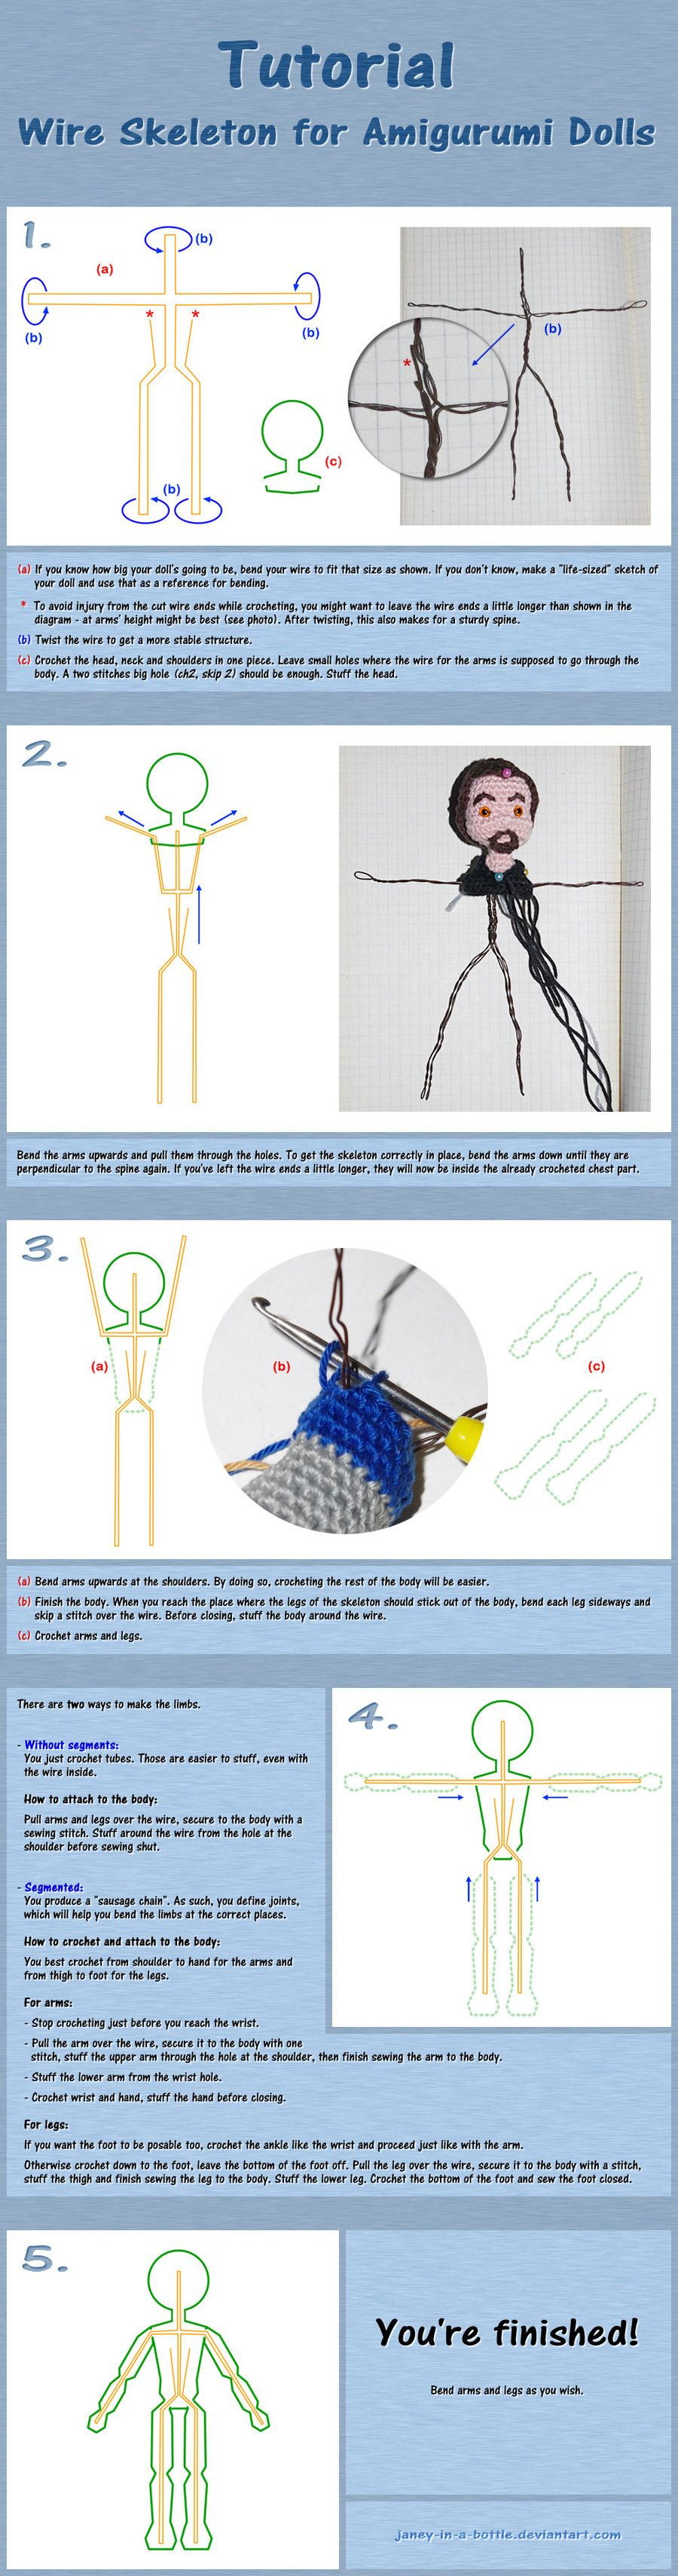 Tutorial: Como armar esqueleto de alambre para amigurumi | Amigurumi ...